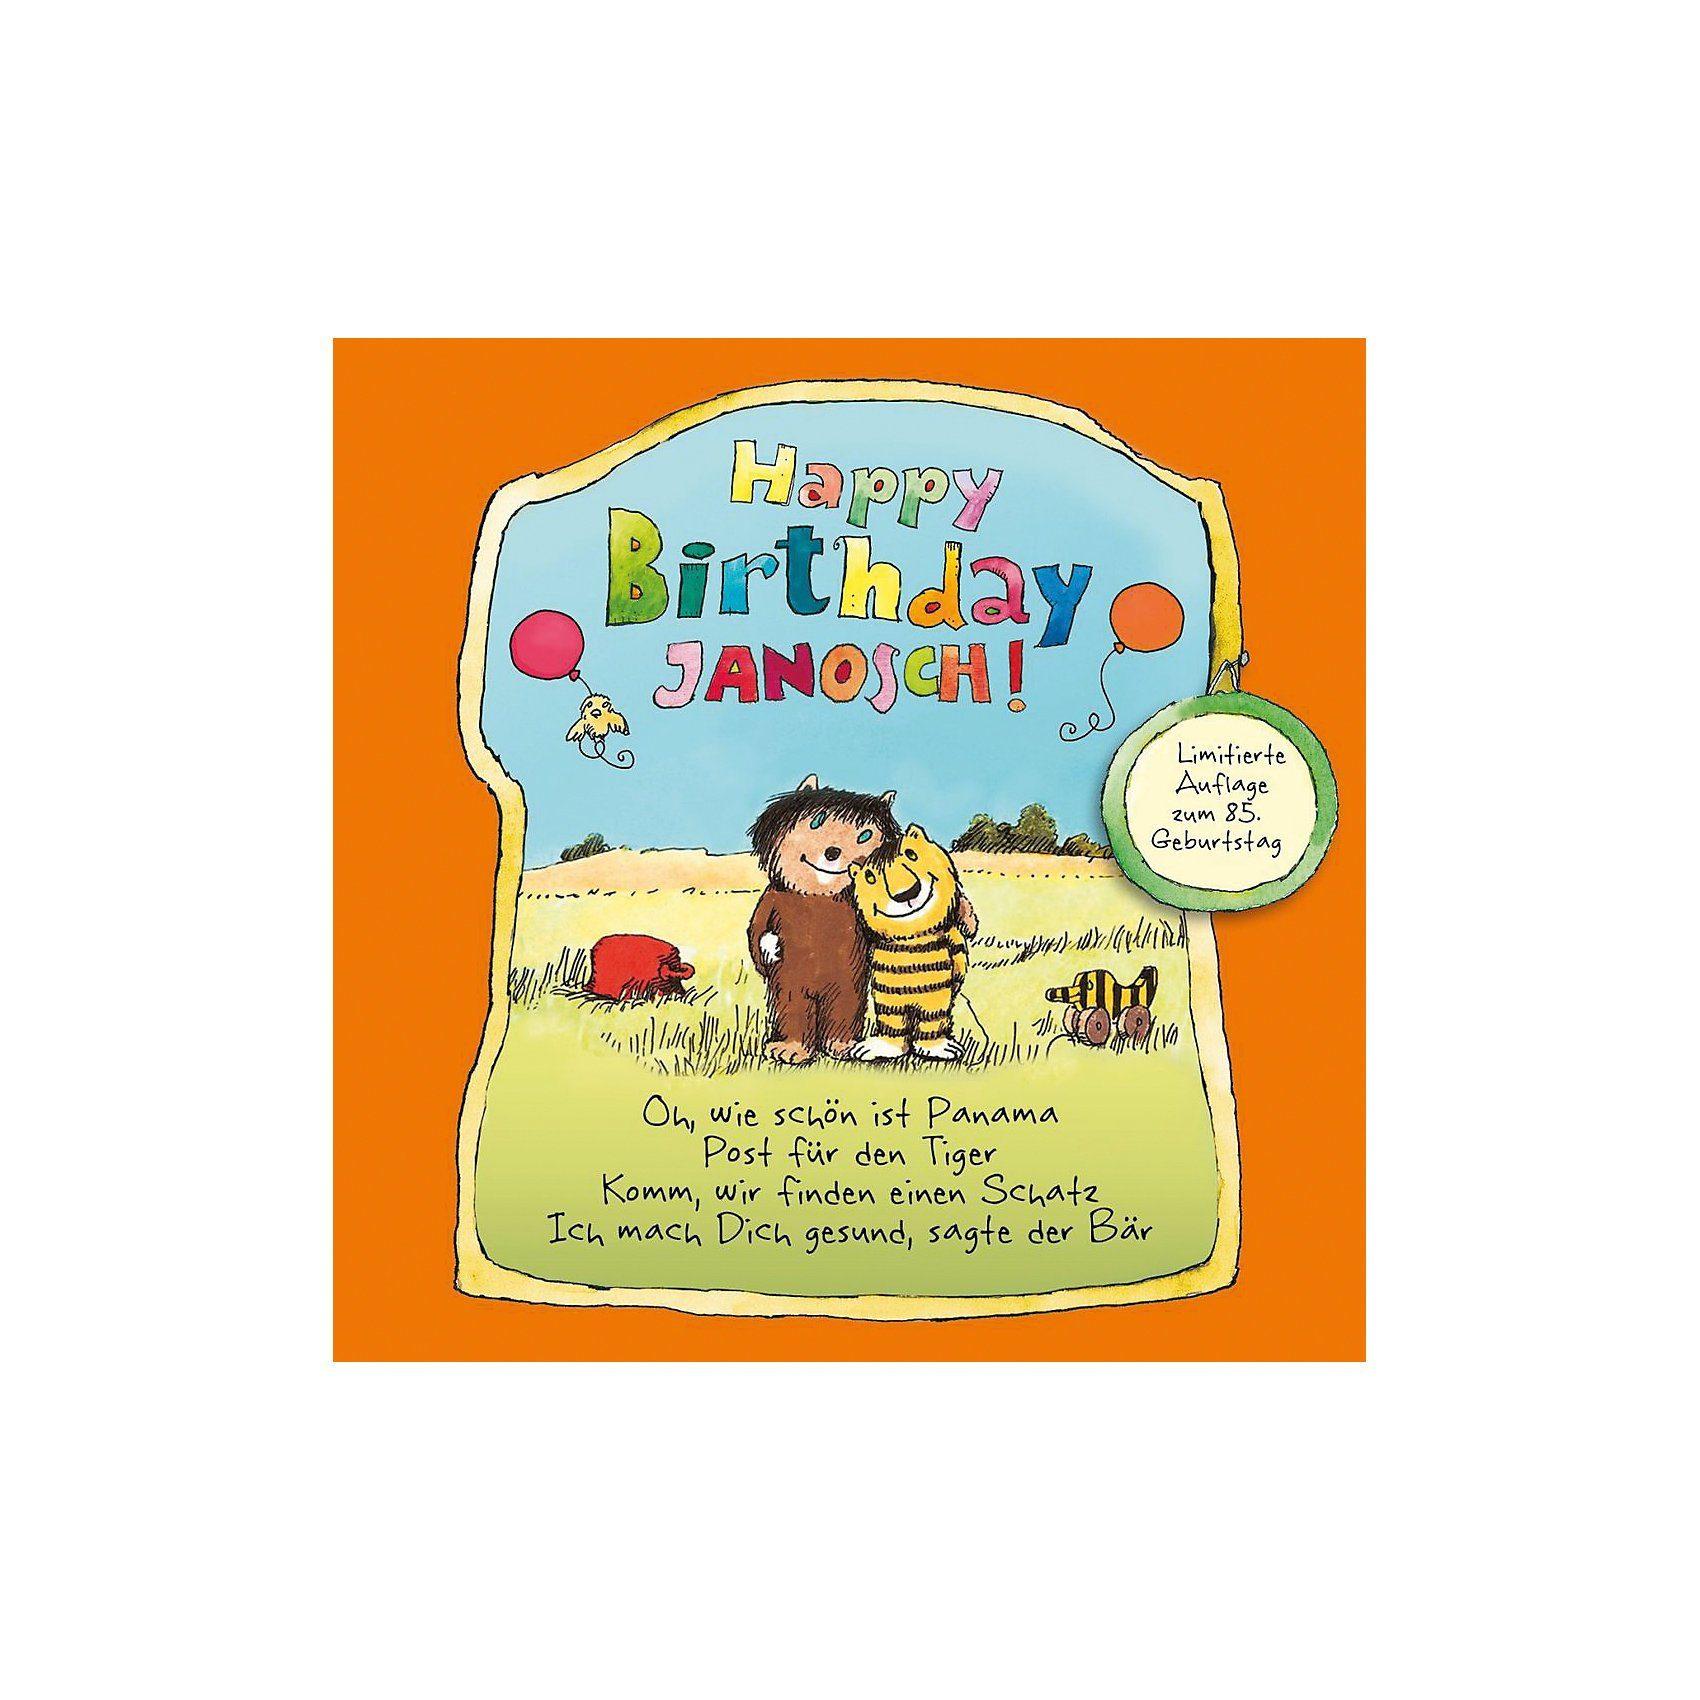 Edel CD Janosch - Happy Birthday Janosch (Limitiert)